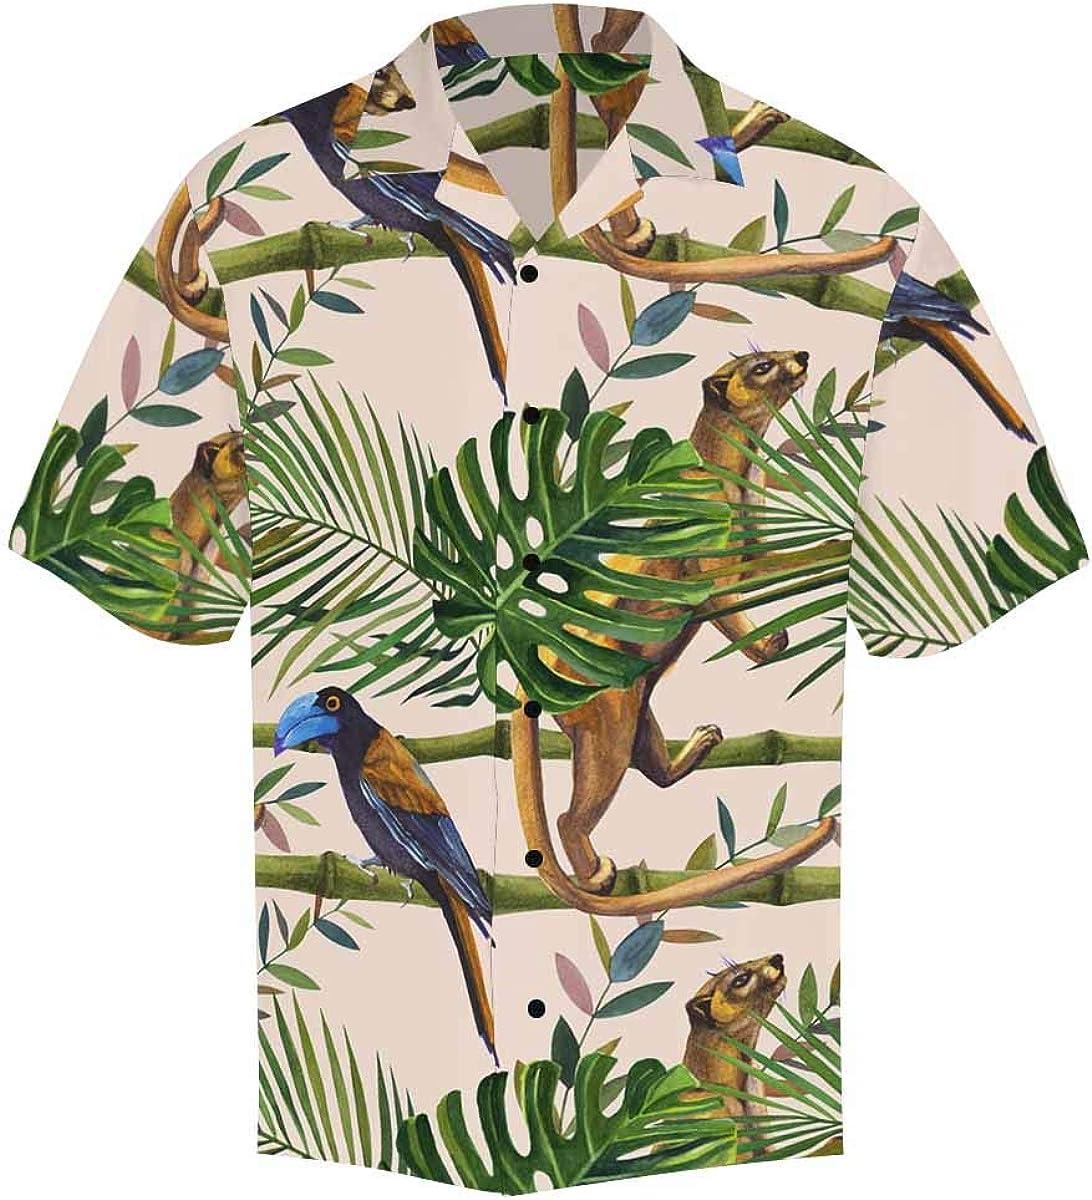 InterestPrint Men's Casual Button Down Short Sleeve Tropical Lion Bird Hawaiian Shirt (S-5XL)